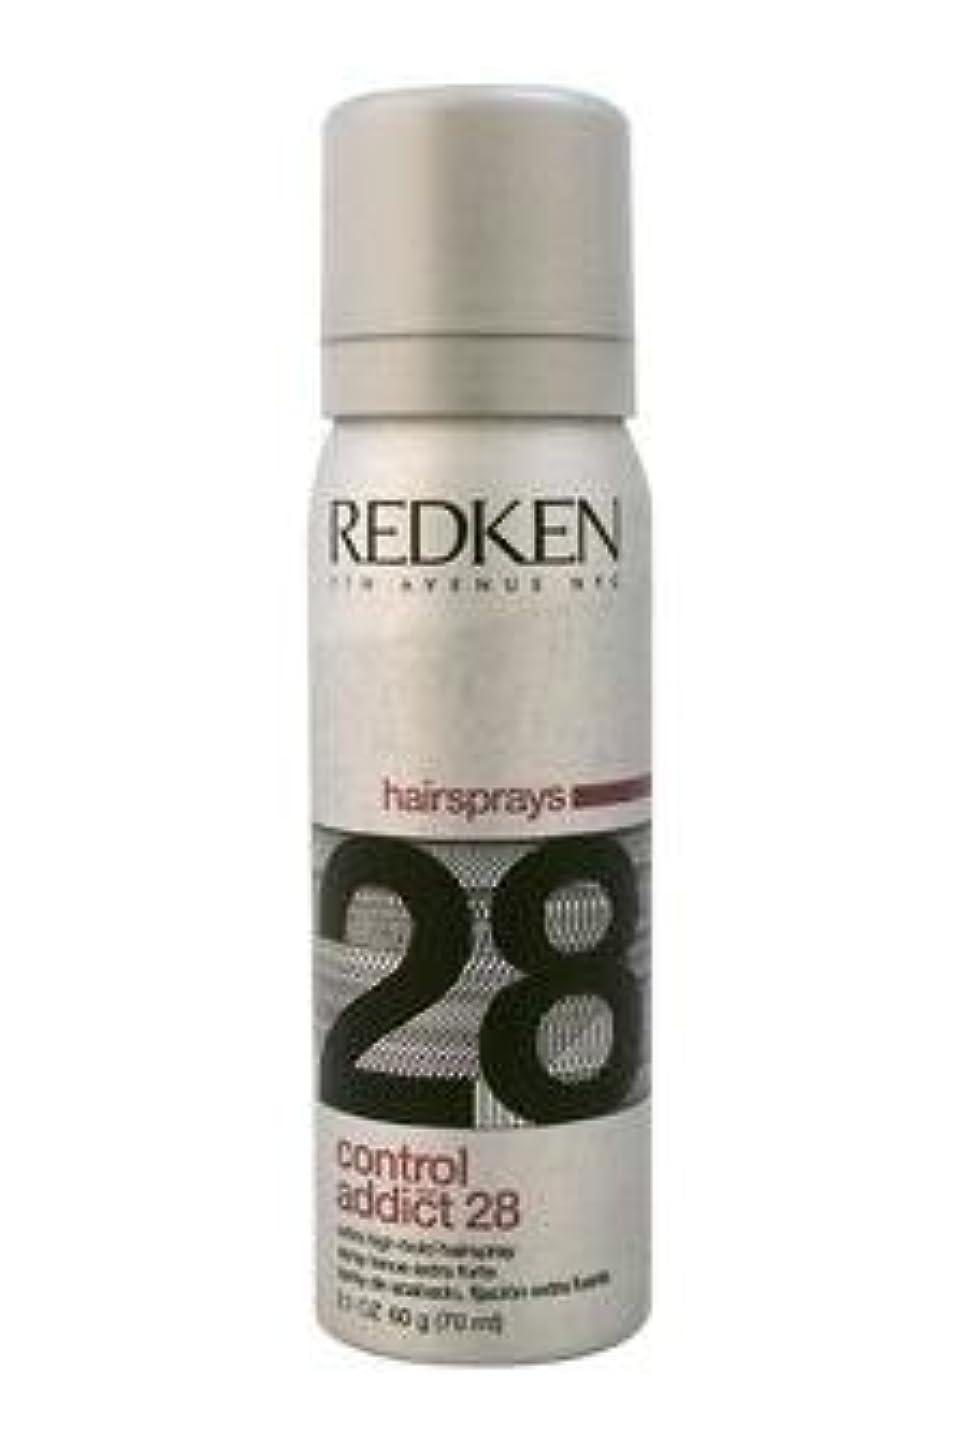 状況分子そこREDKEN レッドケンコントロールアディクト28 /レッドケンエクストラハイホールド髪2.0オズスプレー(57)ML) 2オンス